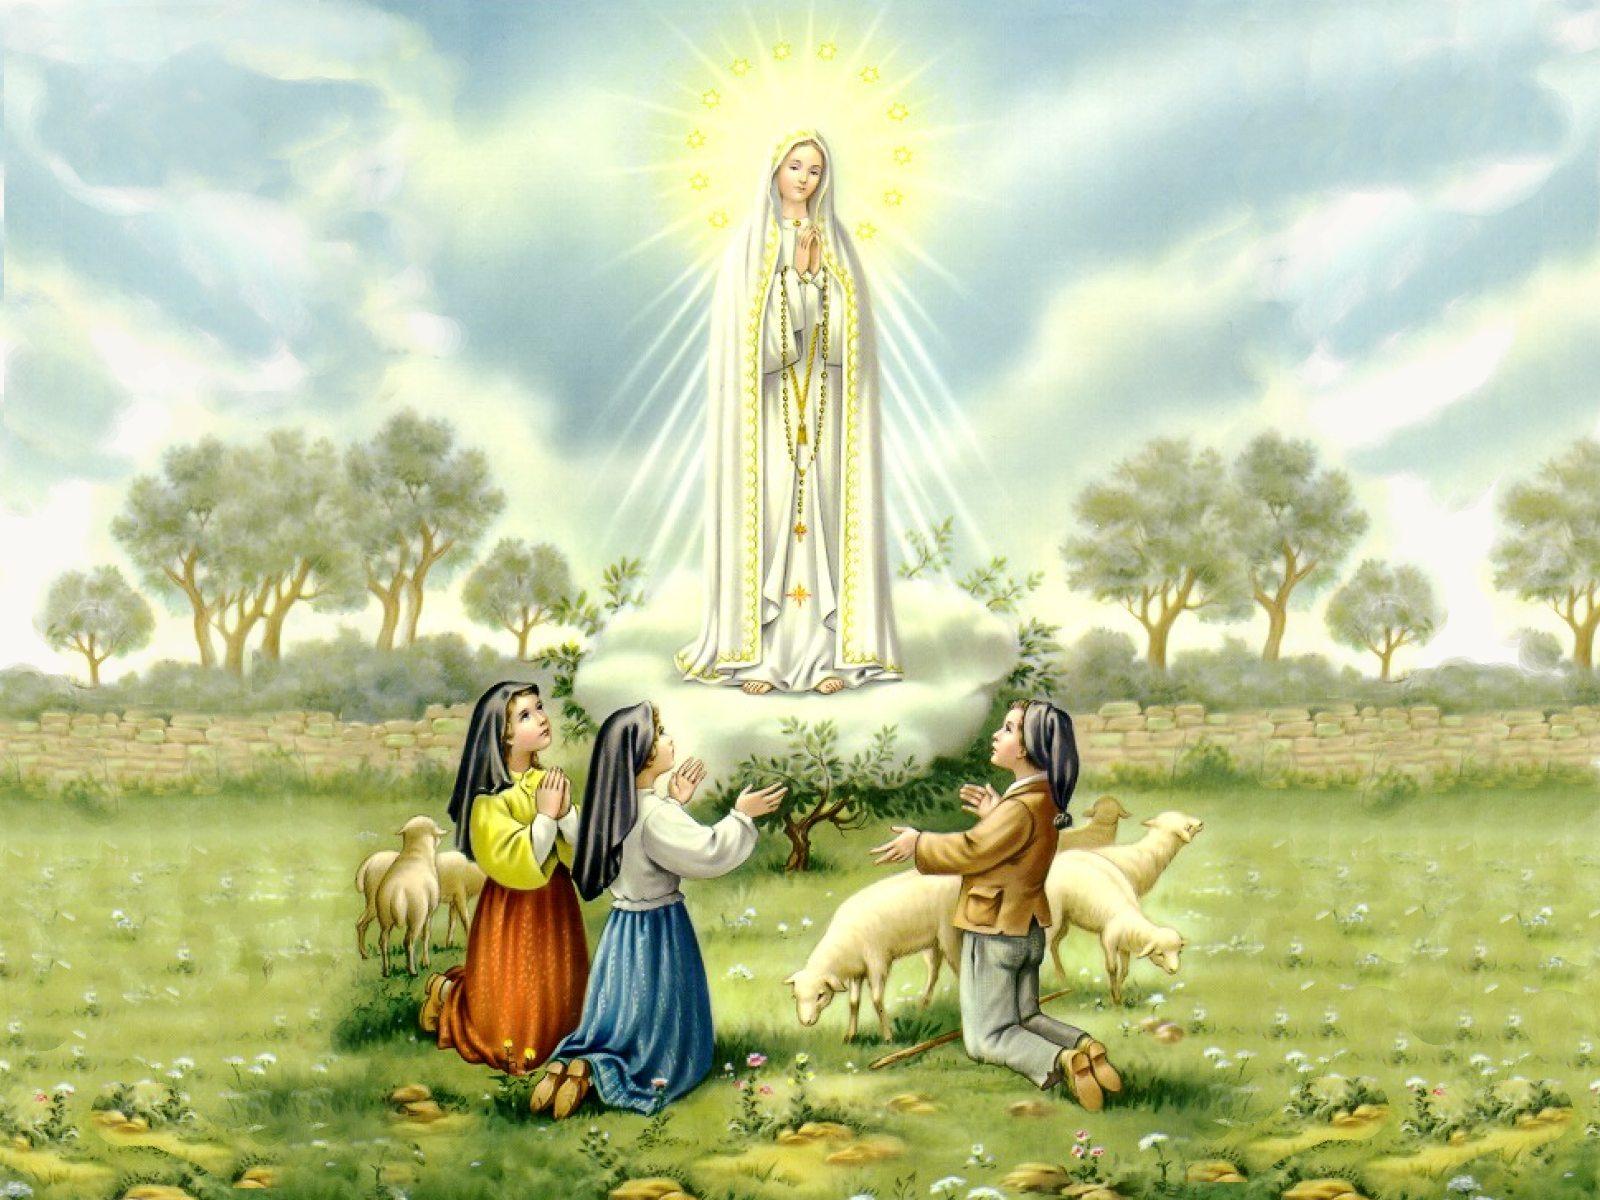 Lễ Kính Đức Mẹ Mân Côi (07/10)/CHUỖI HẠT CHÍNH LÀ HƠI THỞ CỦA SỰ SỐNG  .